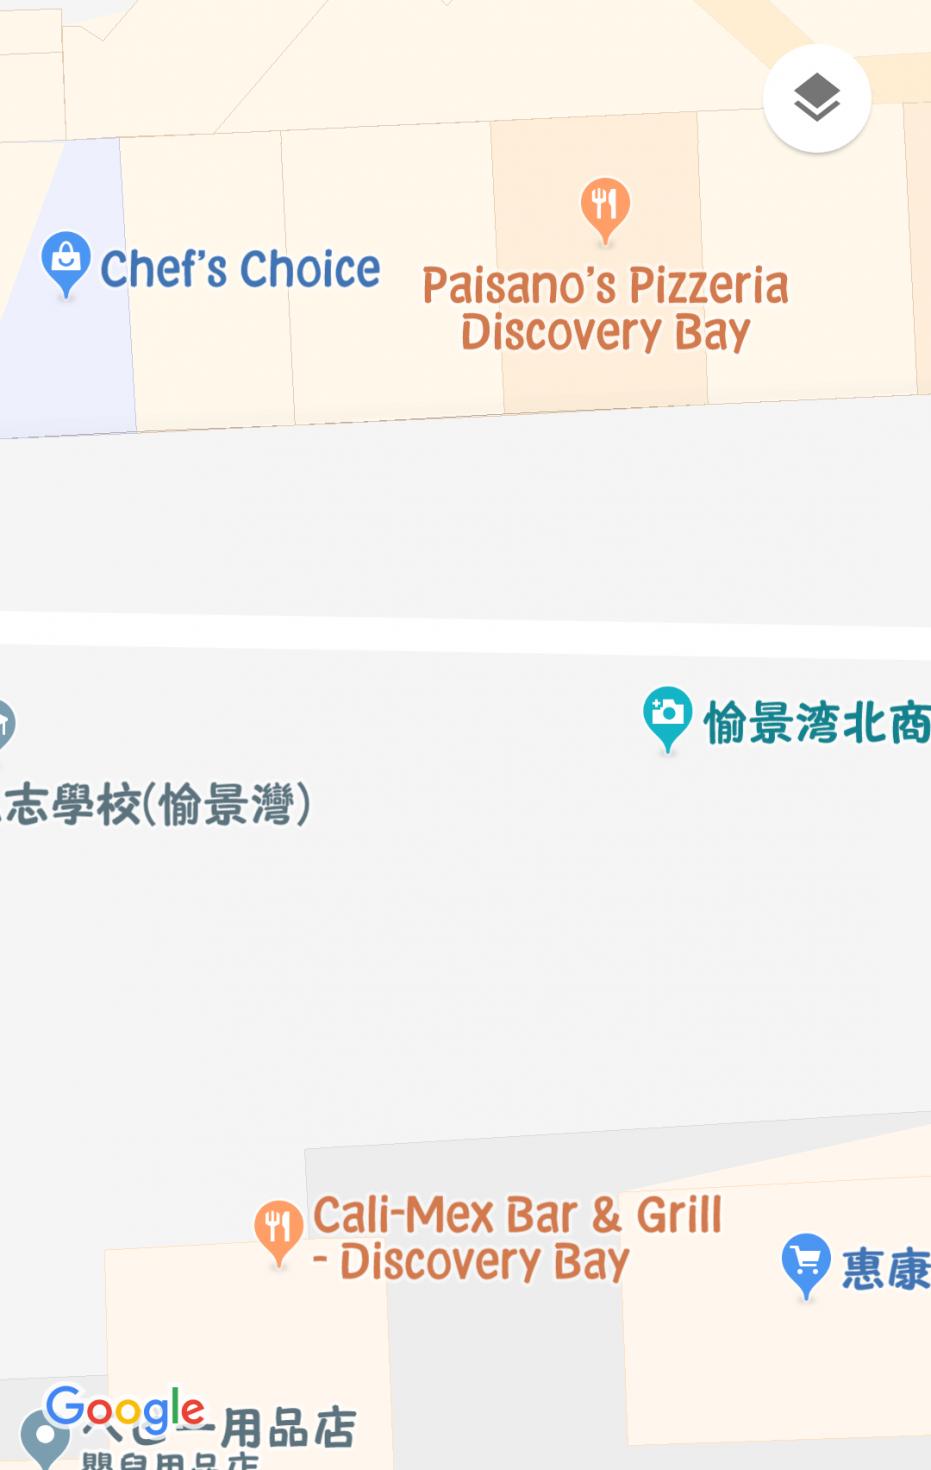 スーパーの向かいにある建物にあるレストランなど。 『Chef's Choice』の隣がスタバになります。